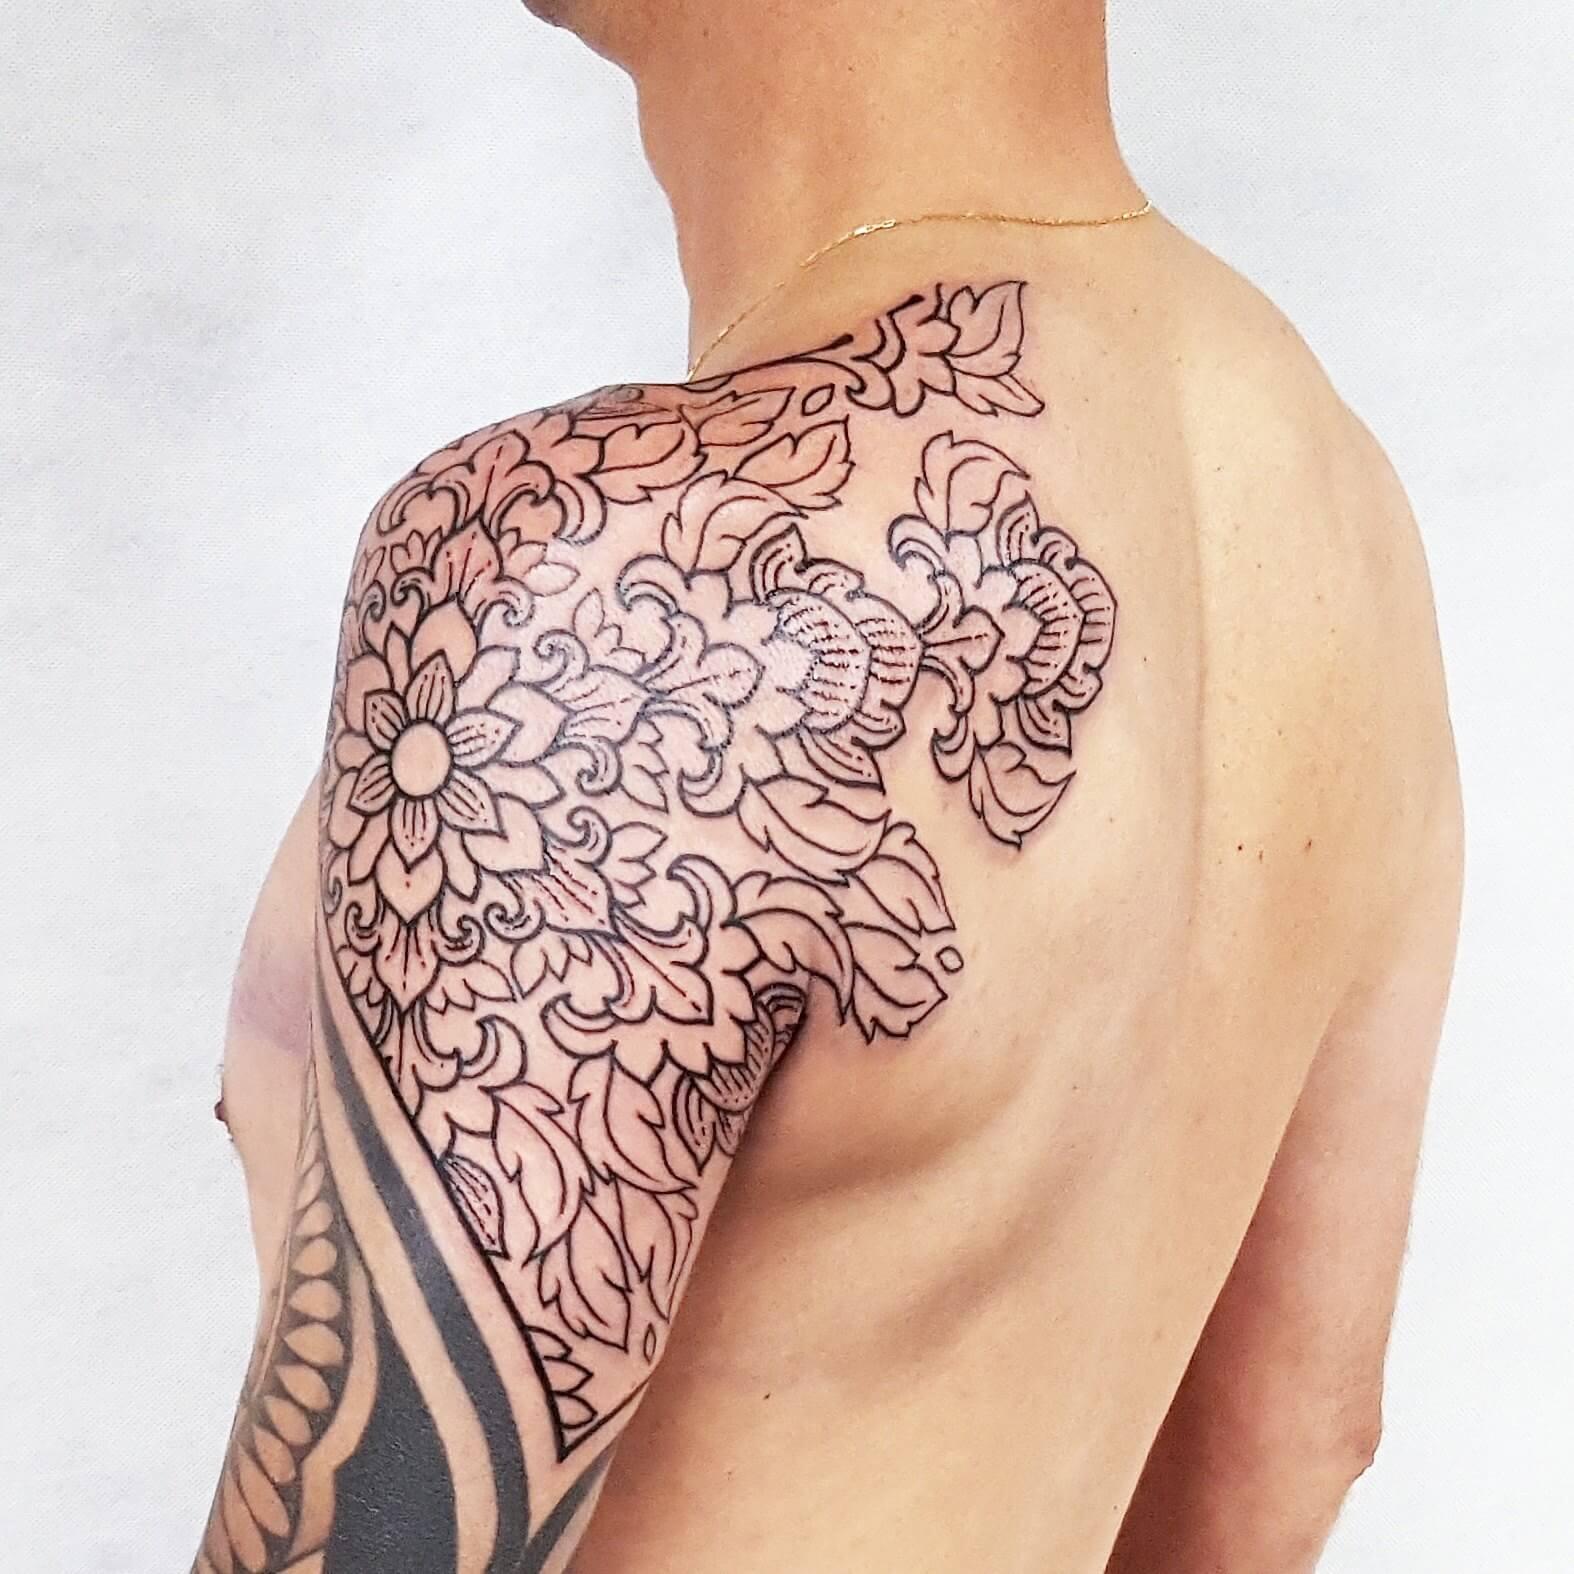 tribal patterns tattoo designs 17 (1)